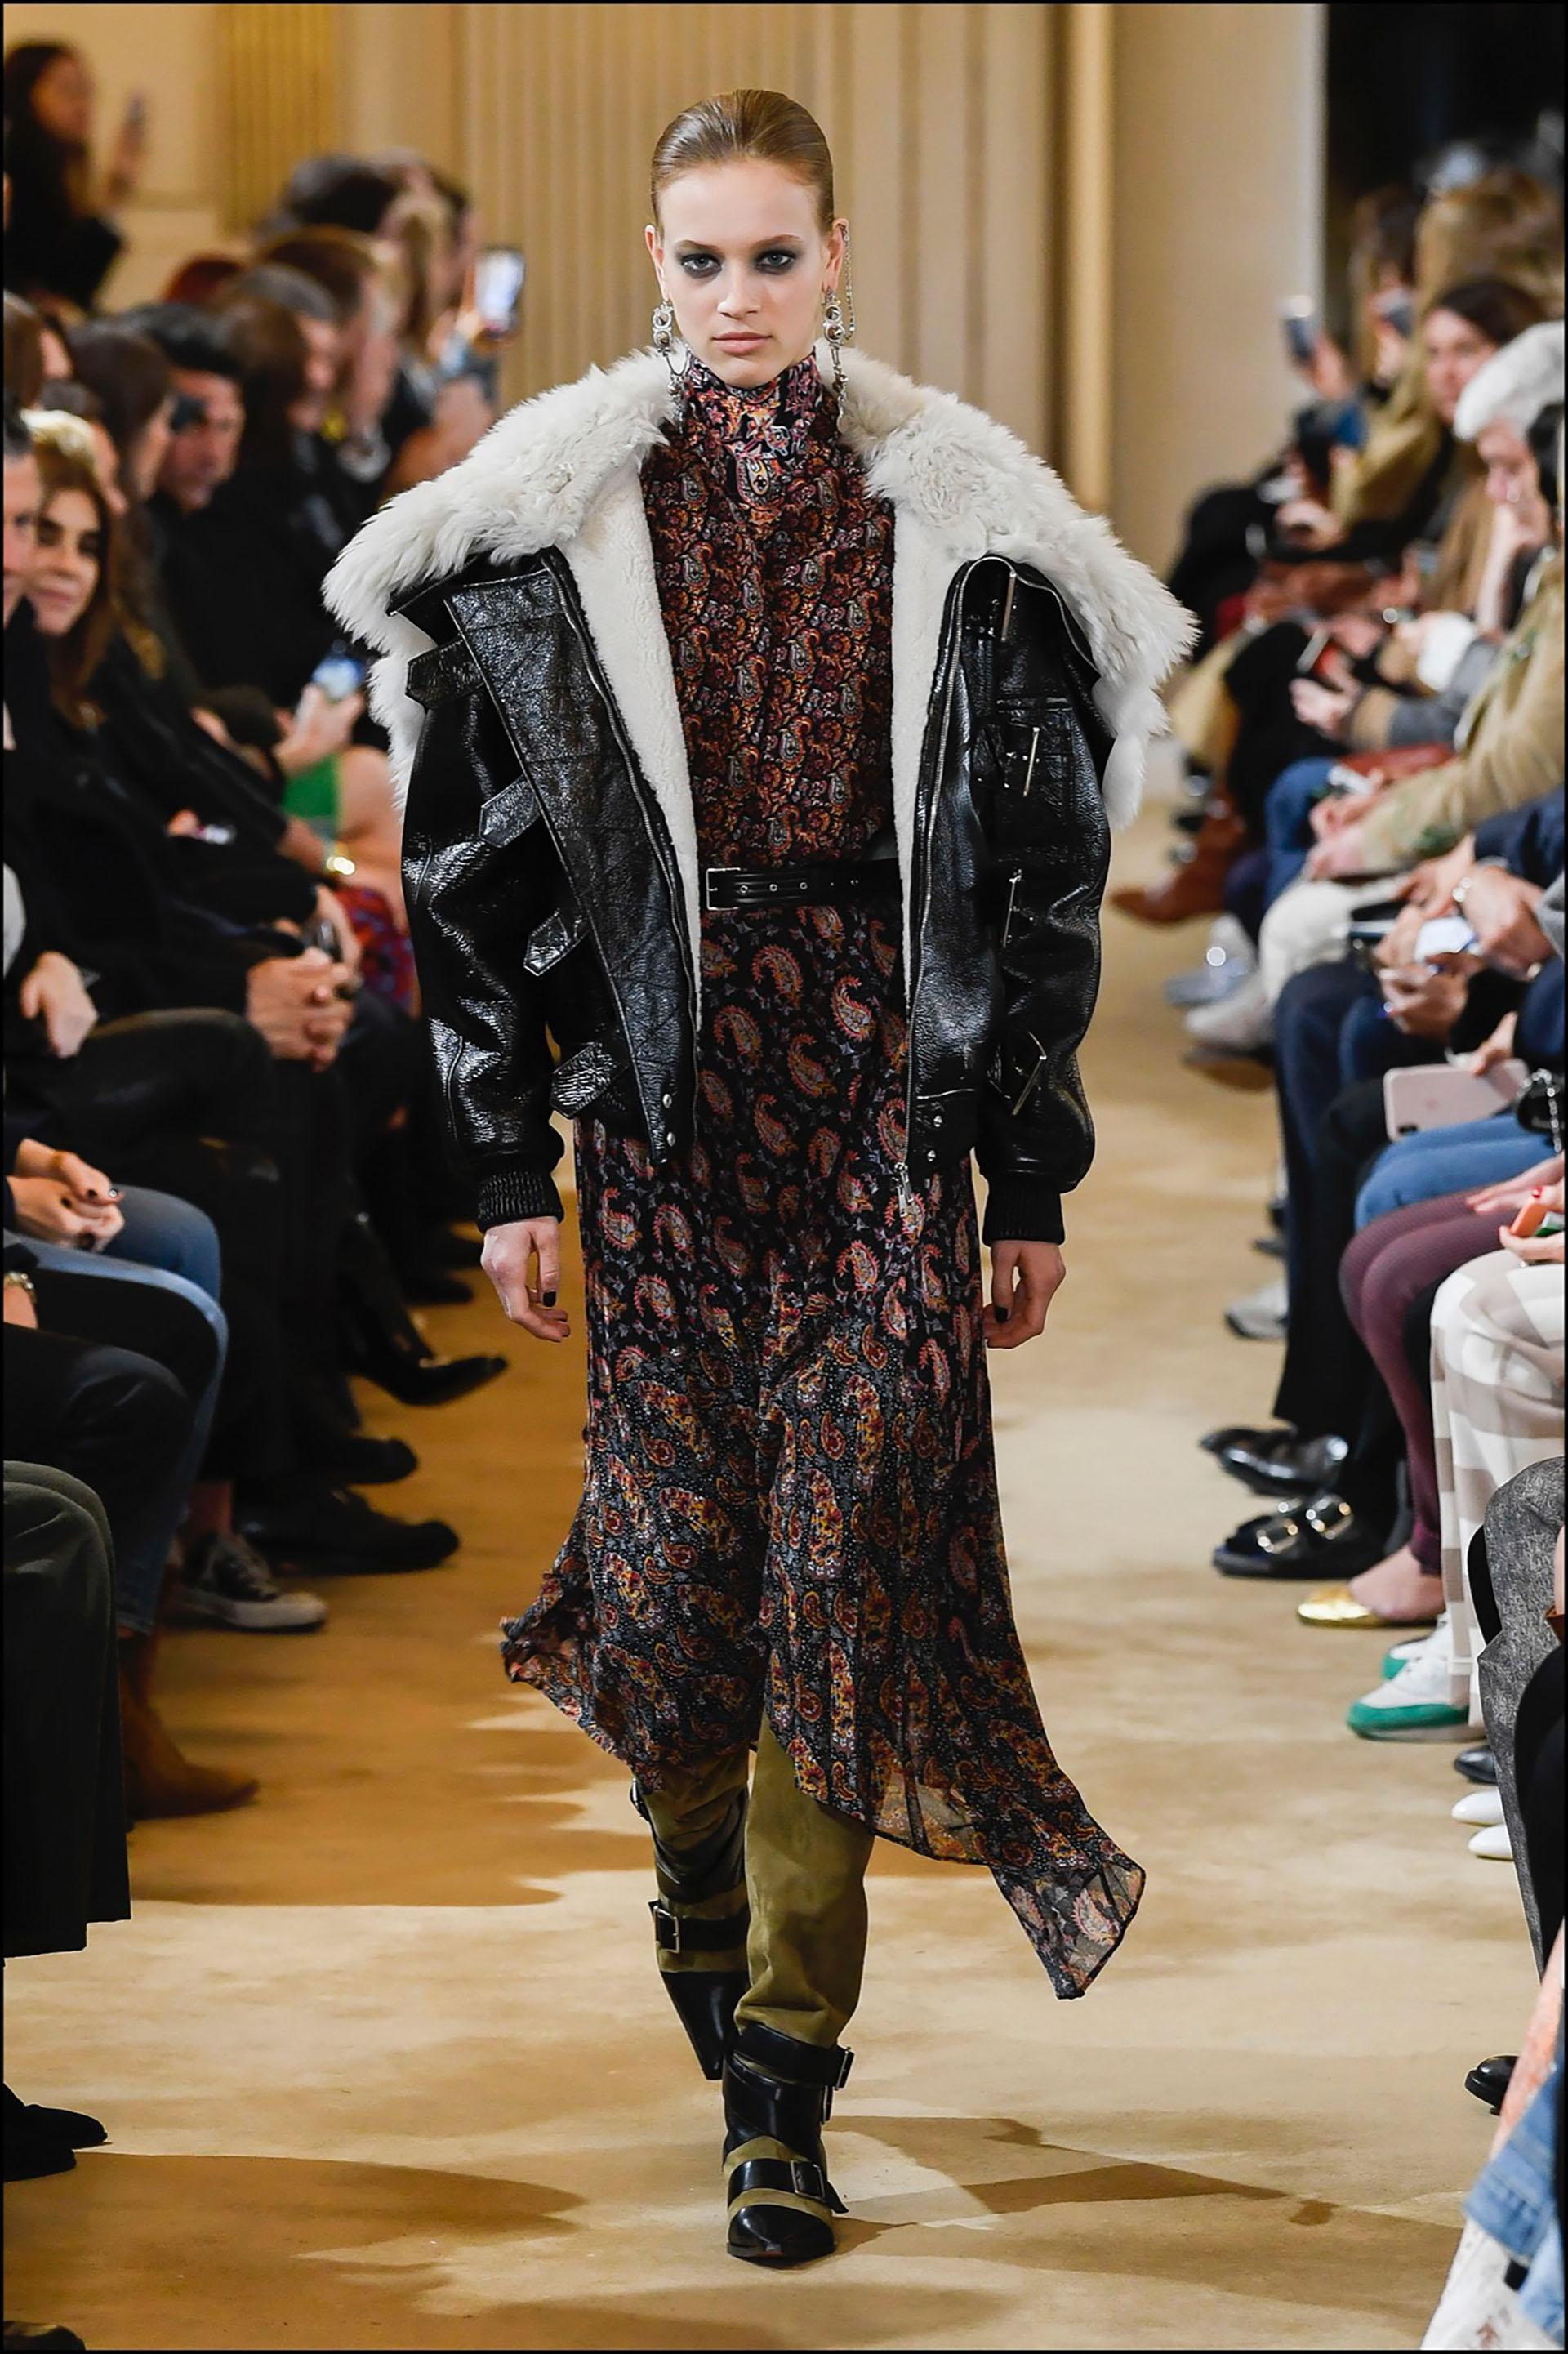 Mannequin - DÈfilÈ de mode Altuzarra collection prÍt-‡-porter Automne-Hiver 2019/2020 lors de la fashion week ‡ Paris, le 2 mars 2019. Altuzarra fashion show ready-to-wear Fall-Winter 2019/2020 during the fashion week in Paris, France, on March 2nd 2019.